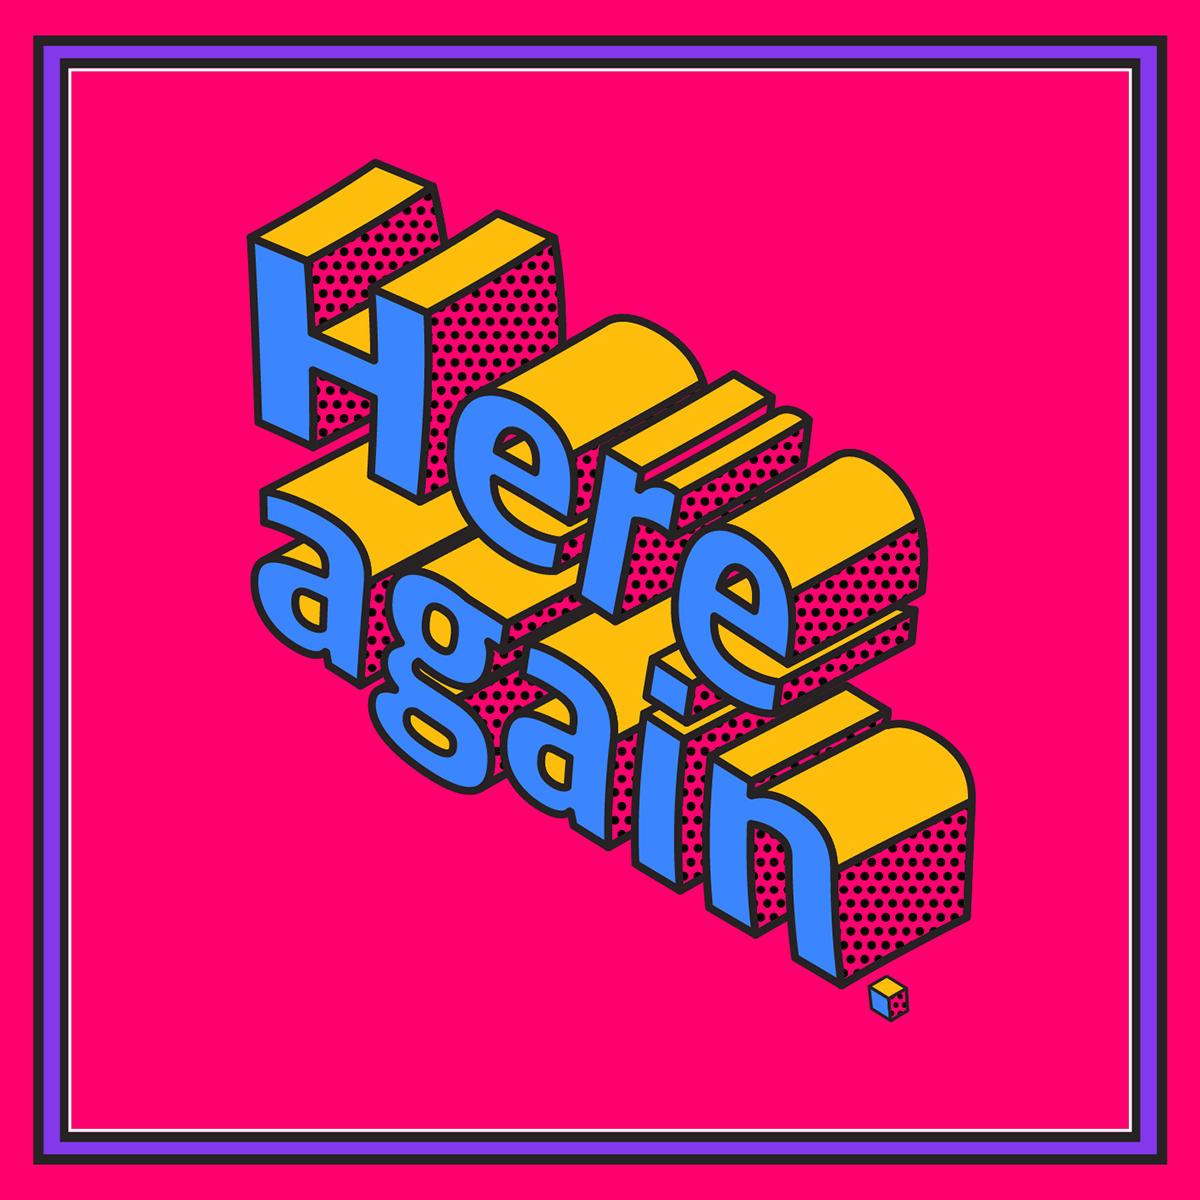 fby_Here_again-01.jpg